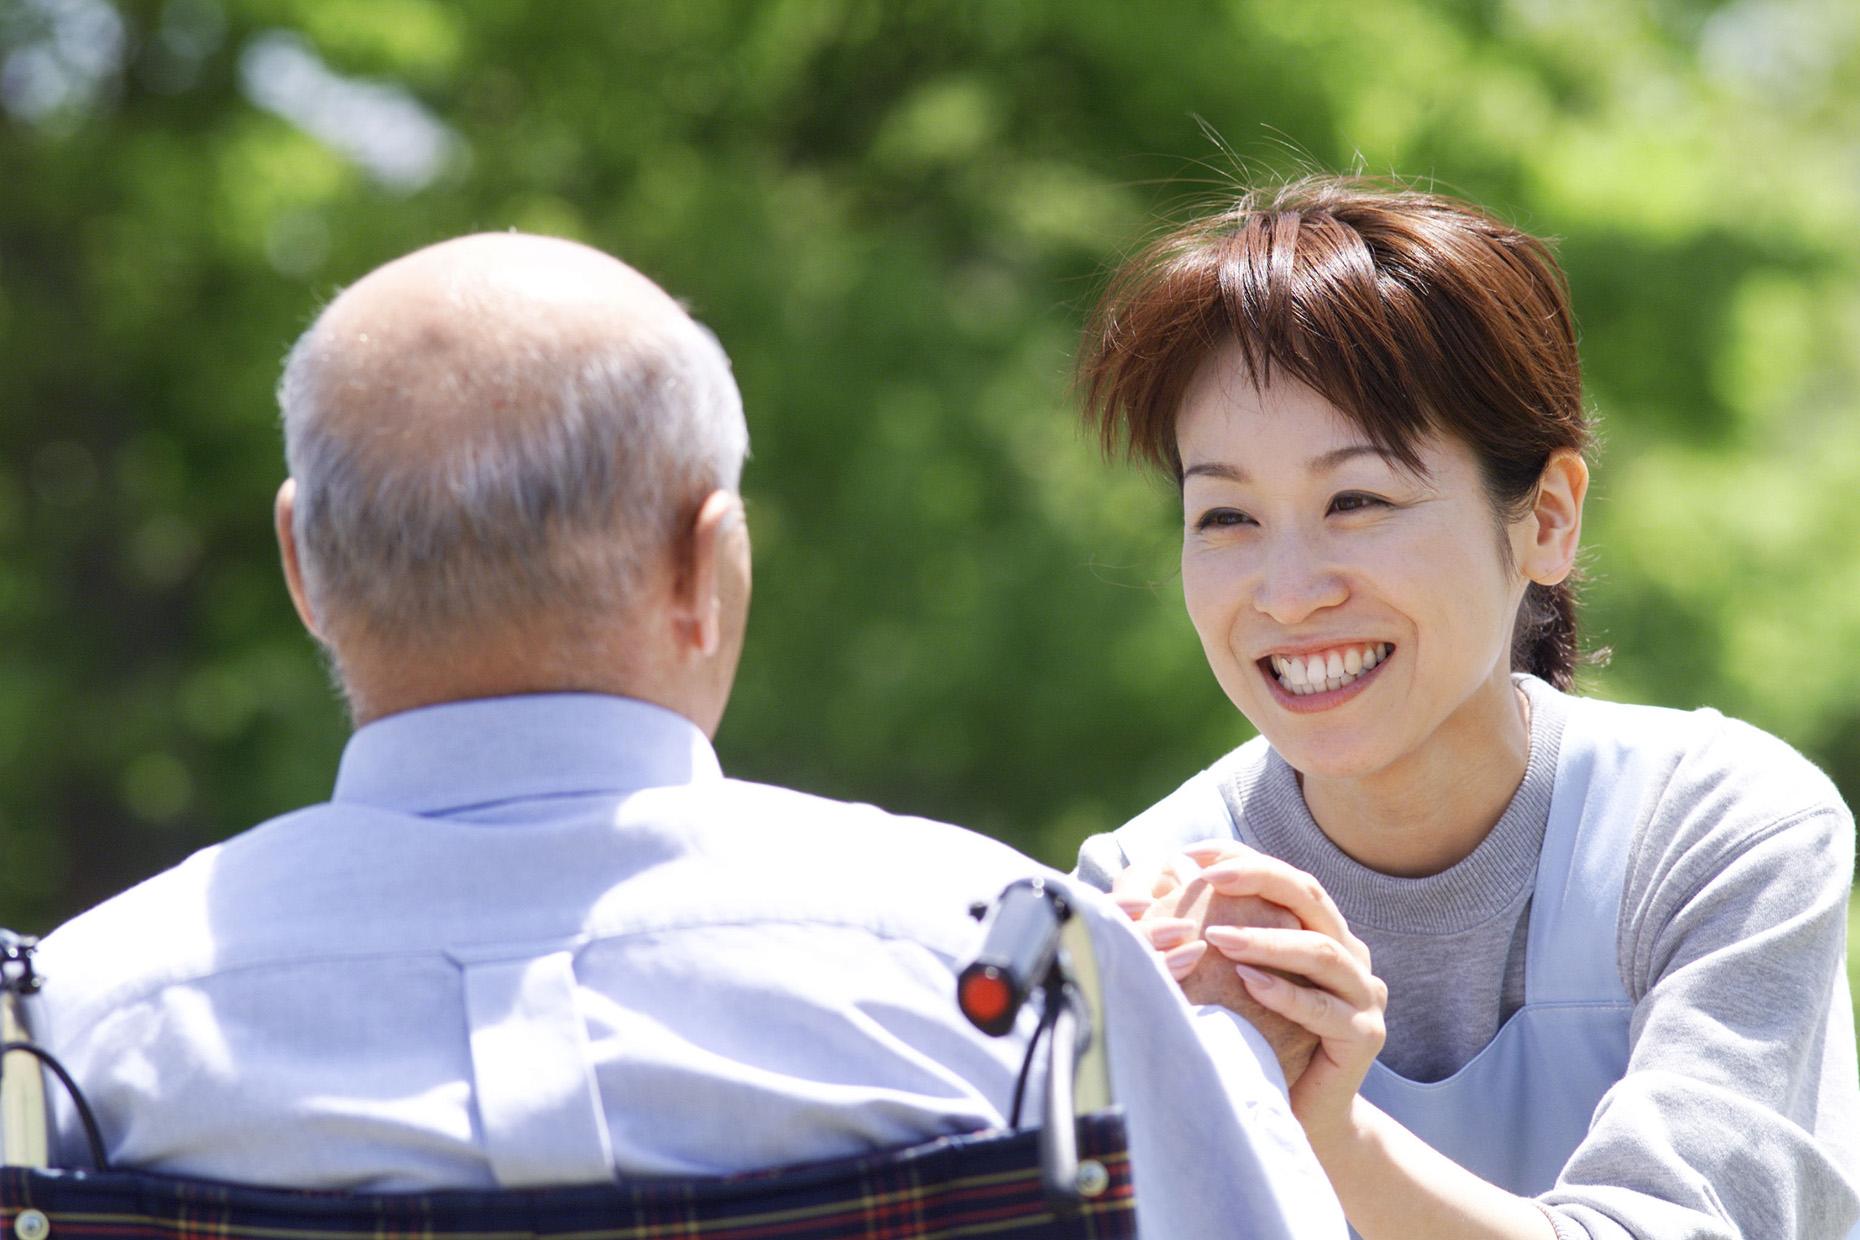 介護福祉士実務者研修(おおまち教室)の令和2年7月生募集